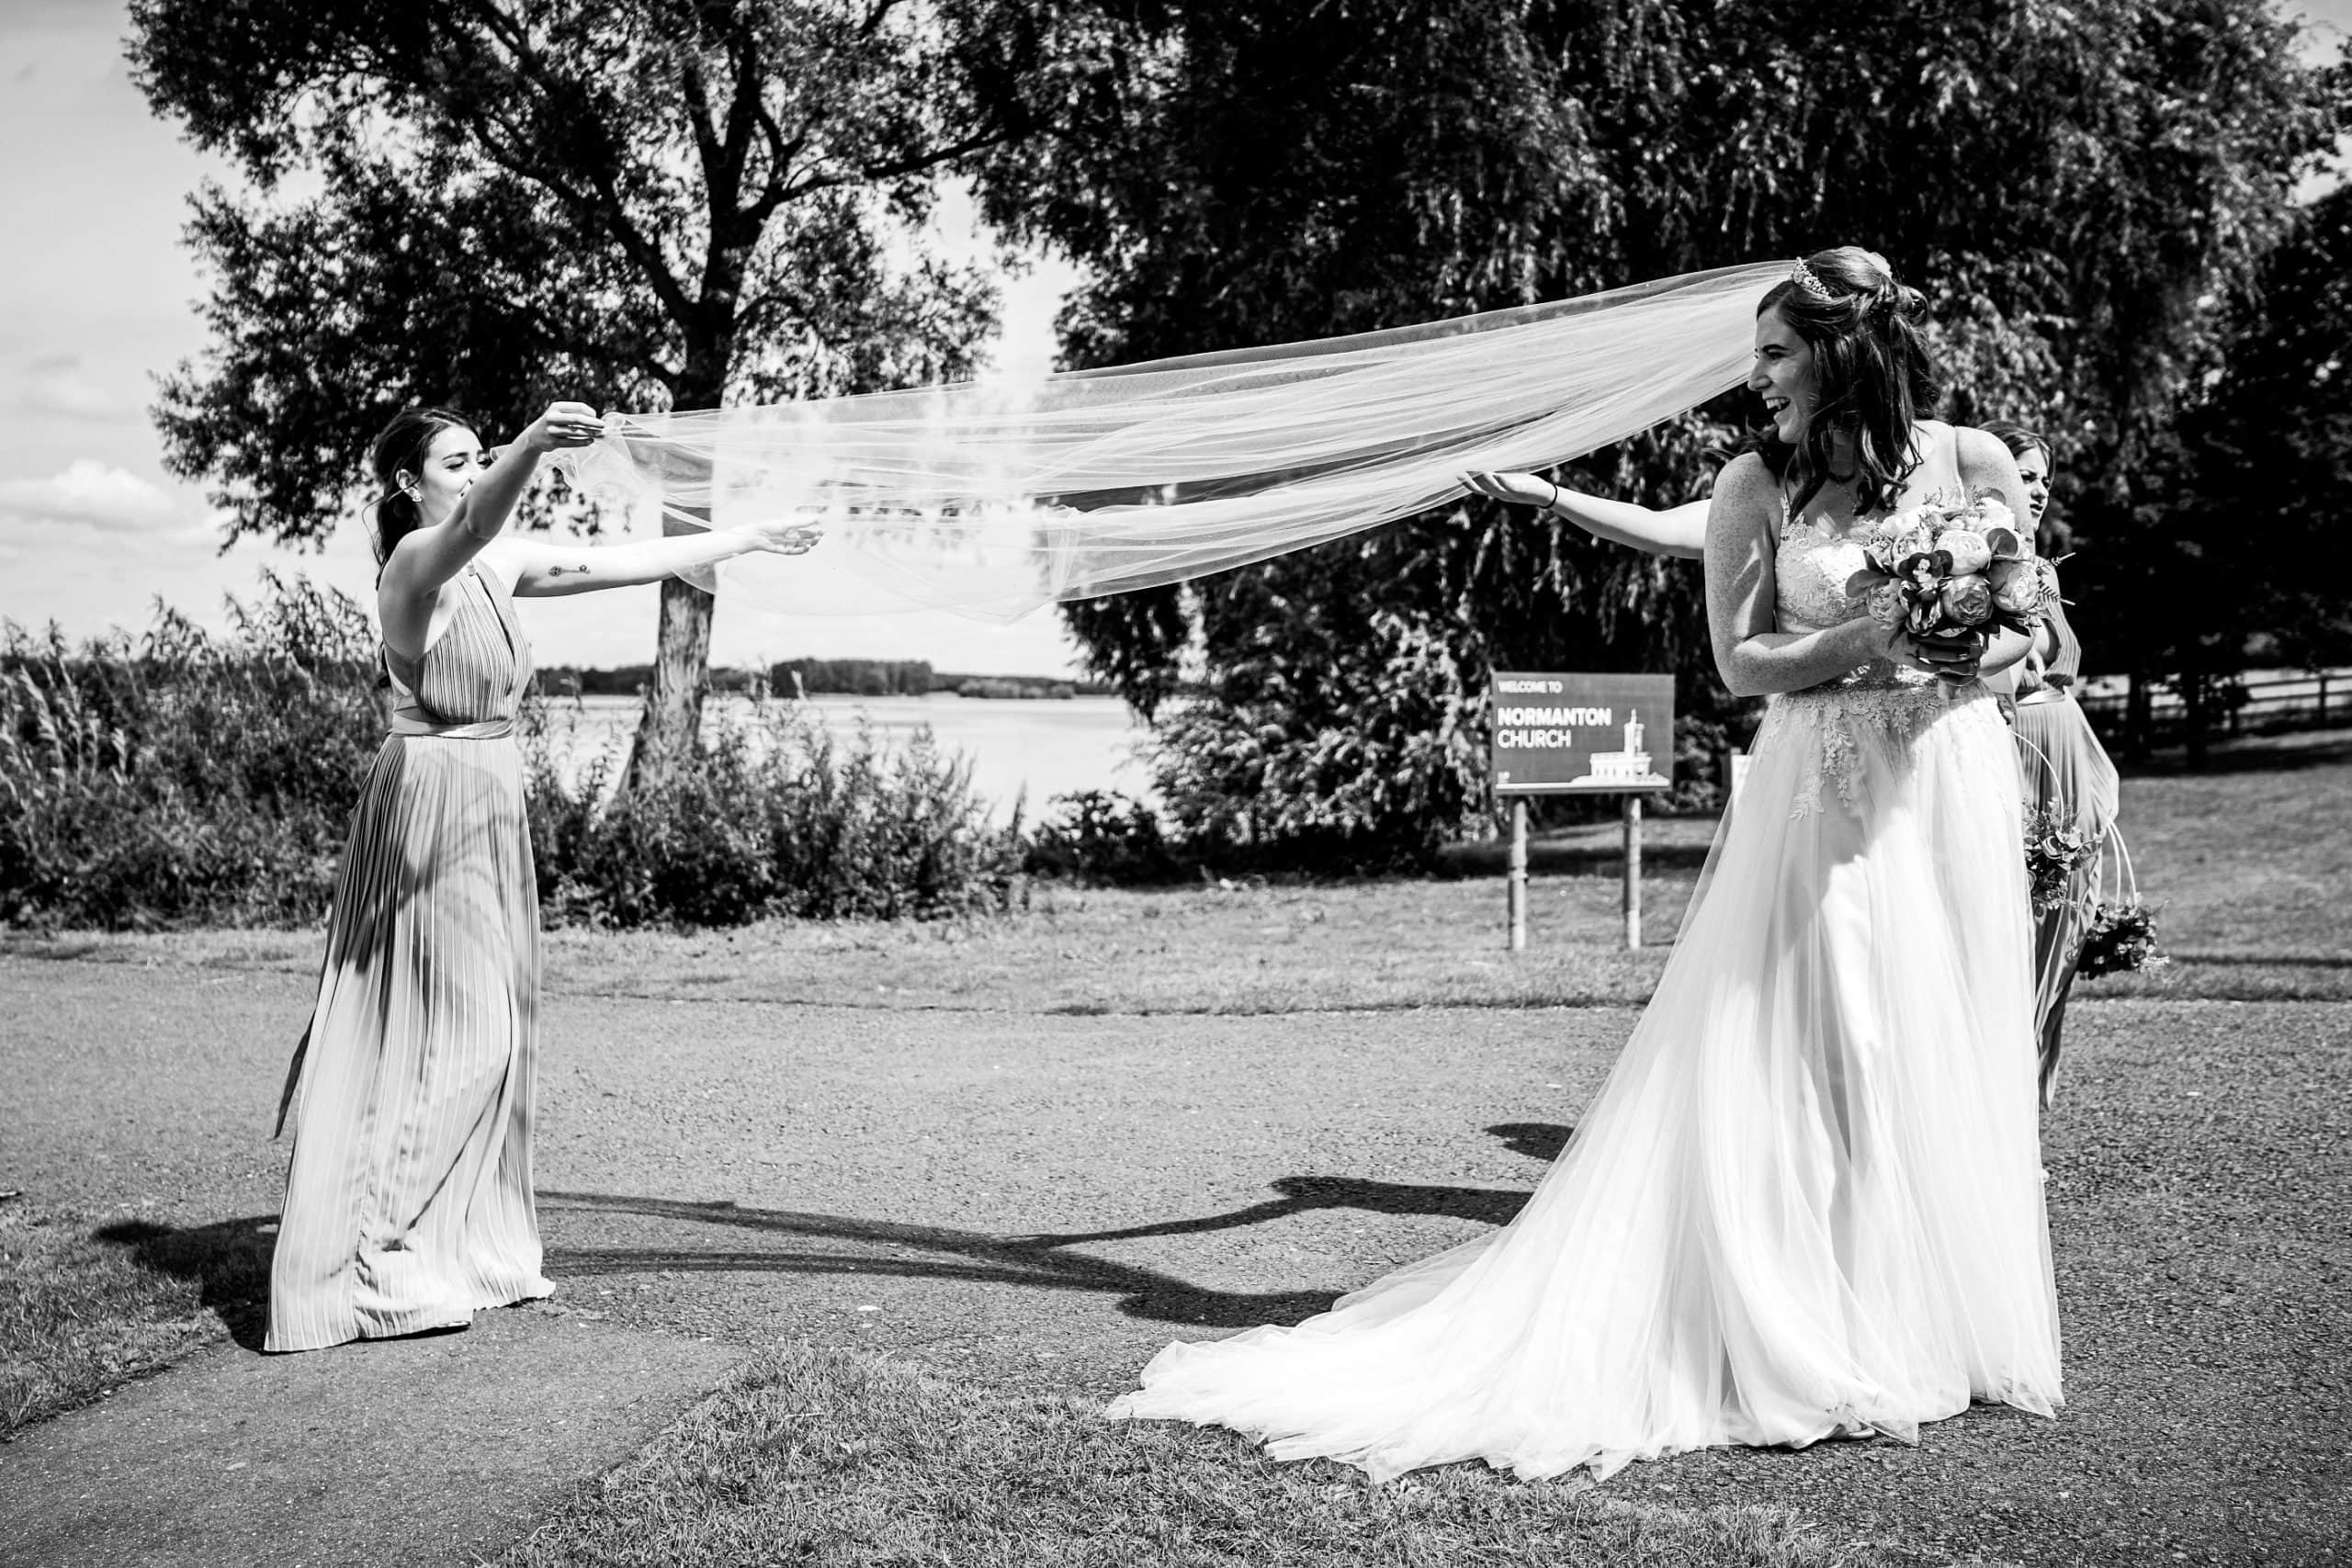 normanton-church-wedding-photography-17